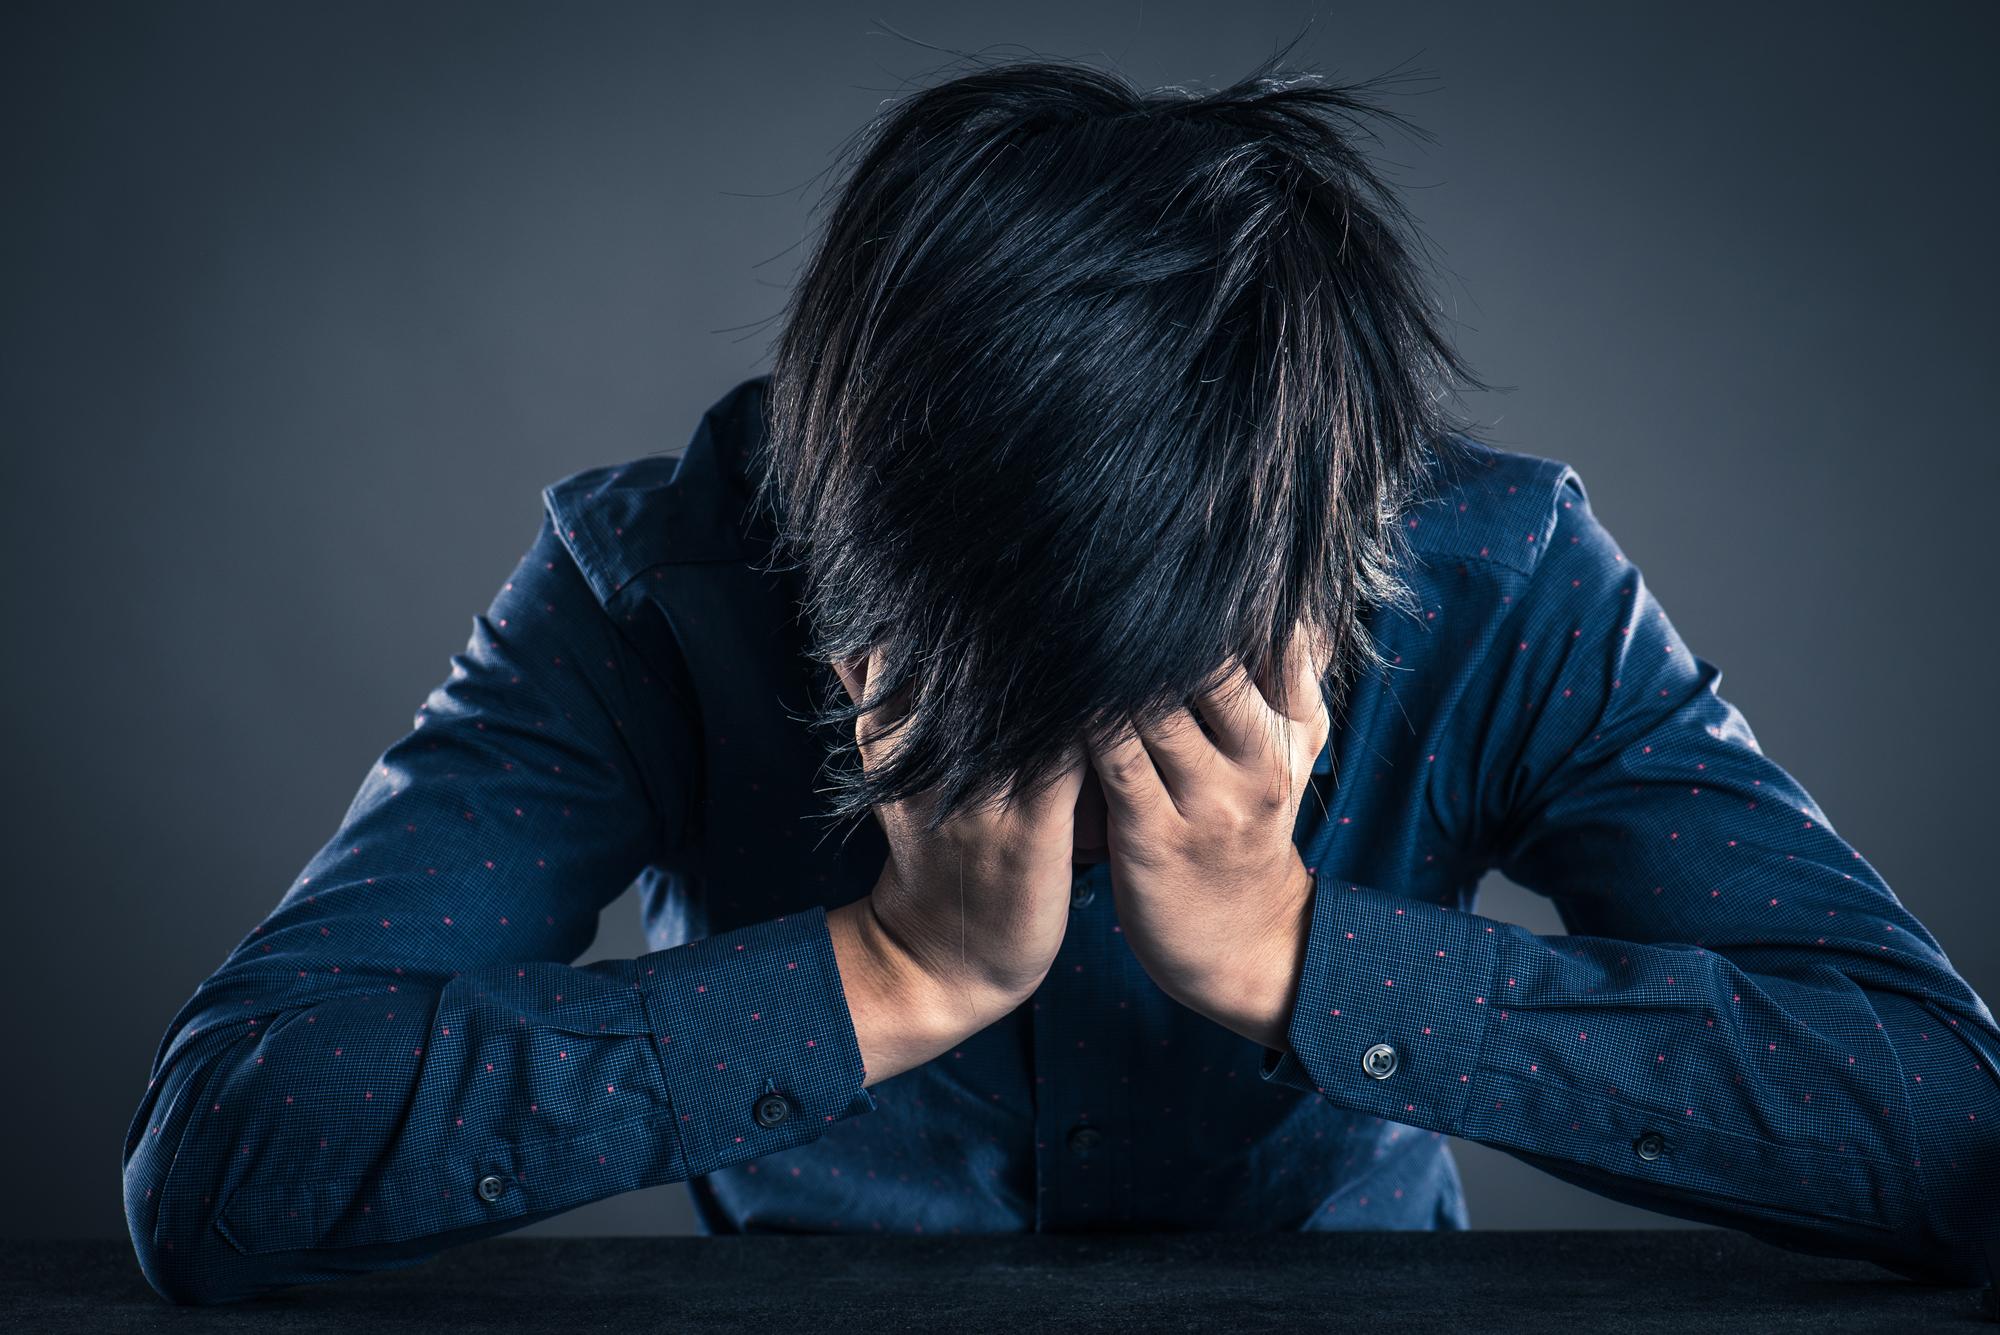 仕事に慣れてきてイライラしたときの感情を抑える方法をシェアします!